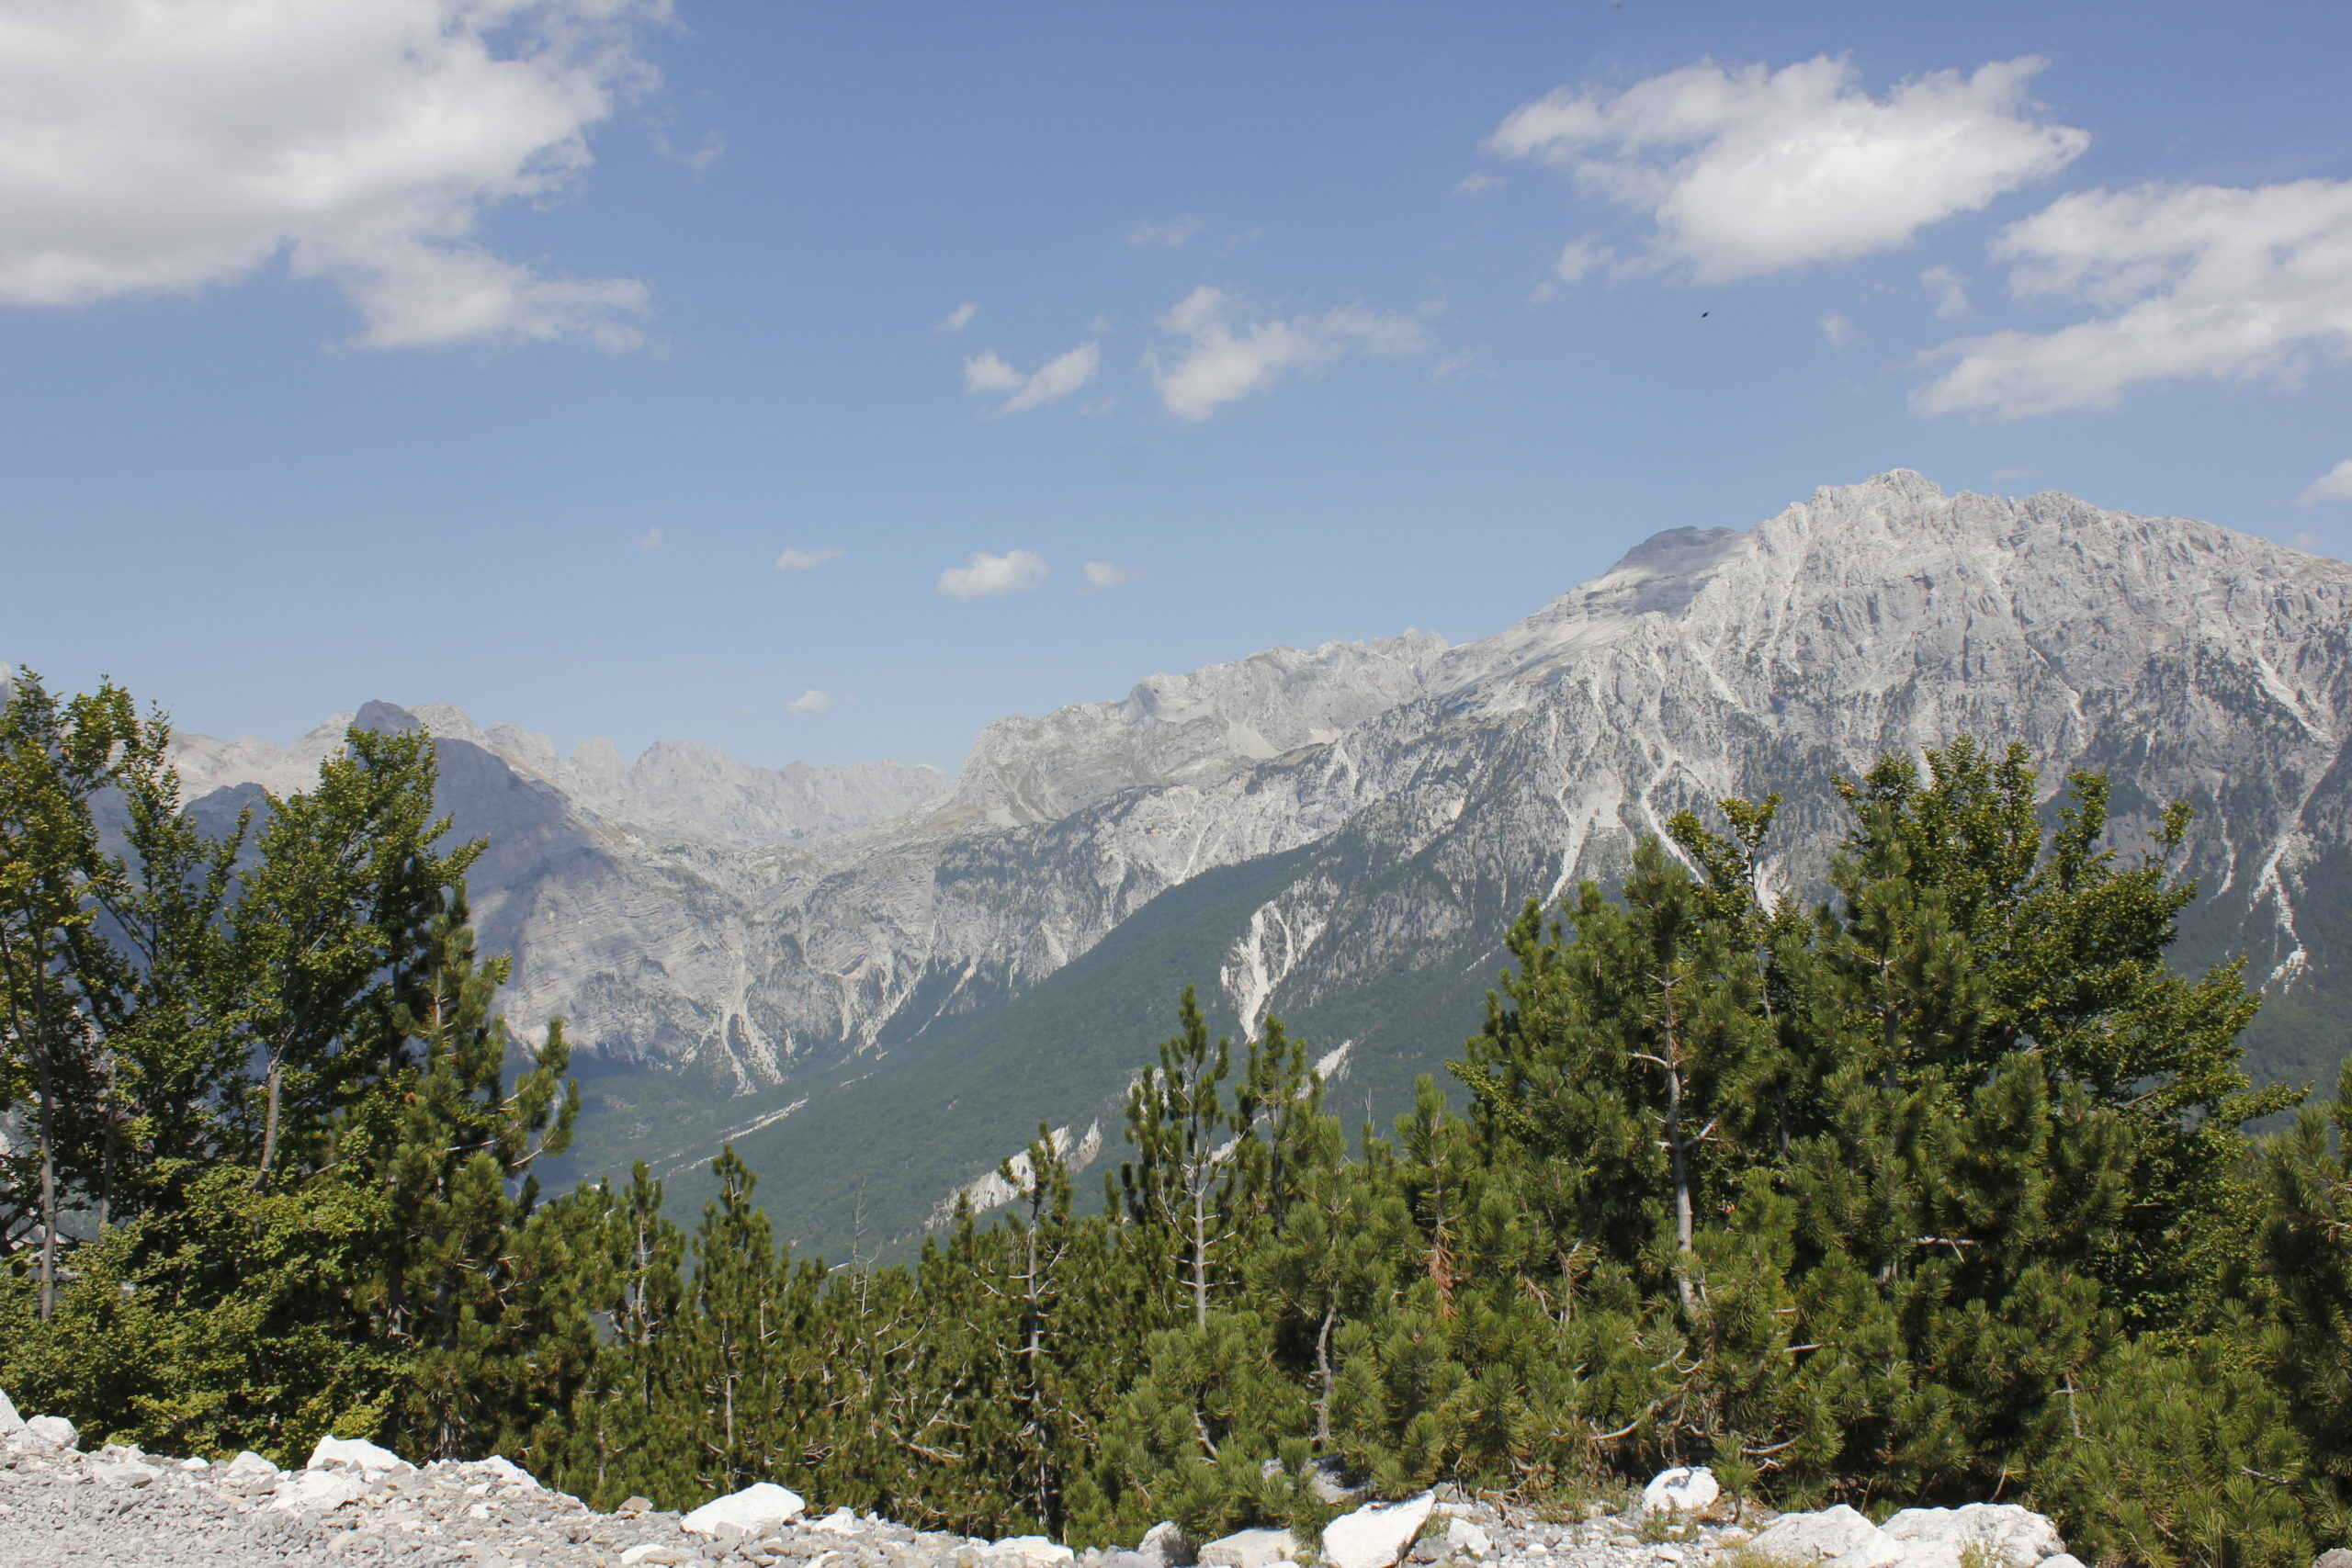 4x4 Abenteuerreise: Albanien so nah und doch so fremd 1